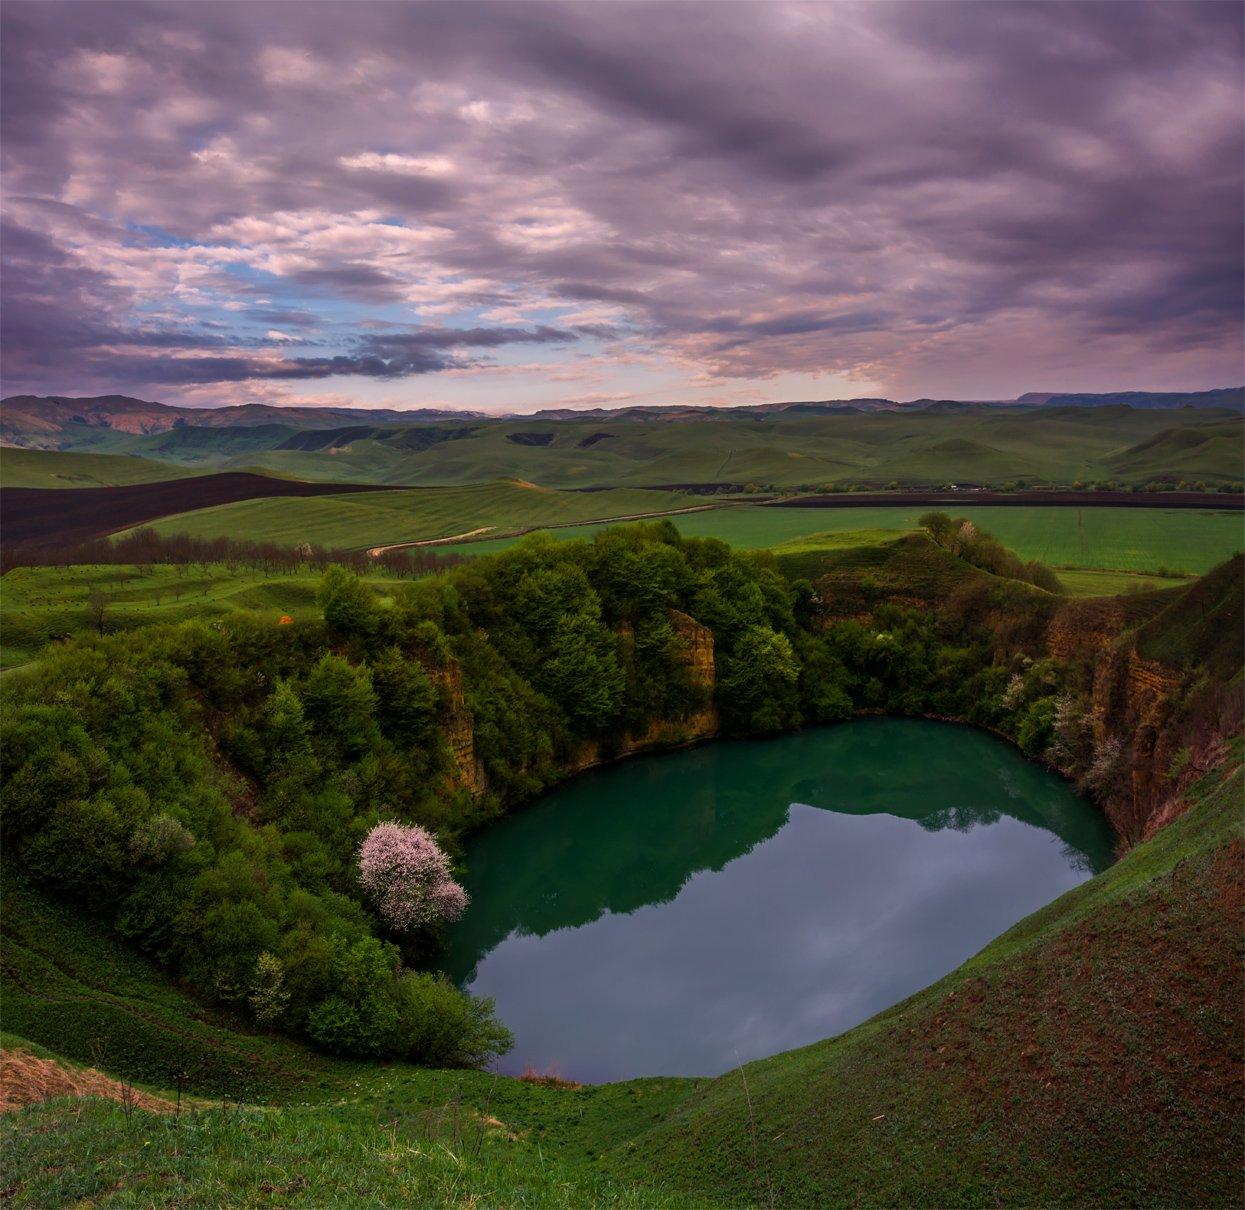 природа, пейзаж, кавказ, горы, весна, озеро,, Альберт Беляев